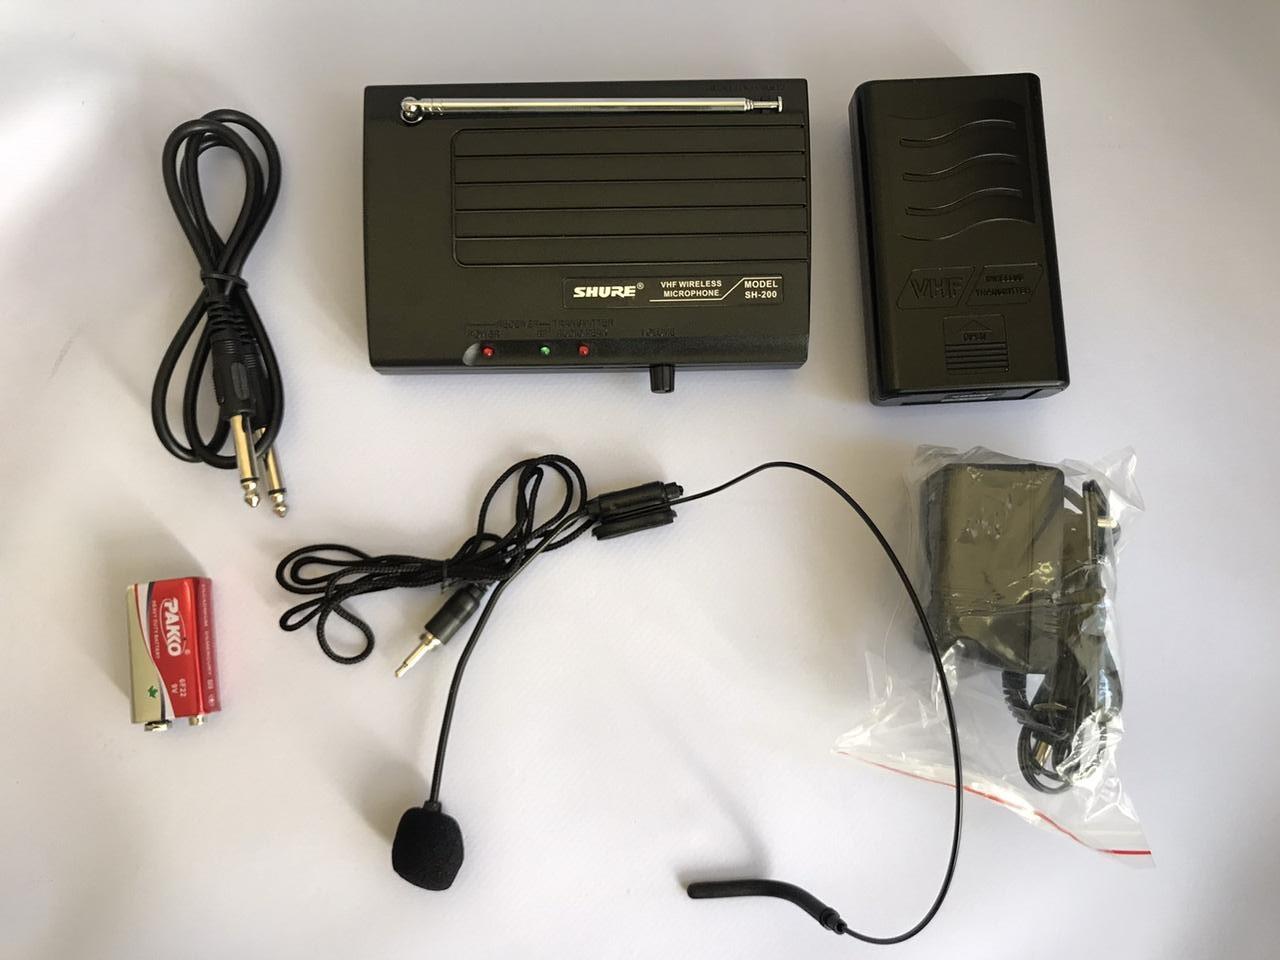 Наголовный петличный кардиоидный микрофон SHURE VNF SH-200